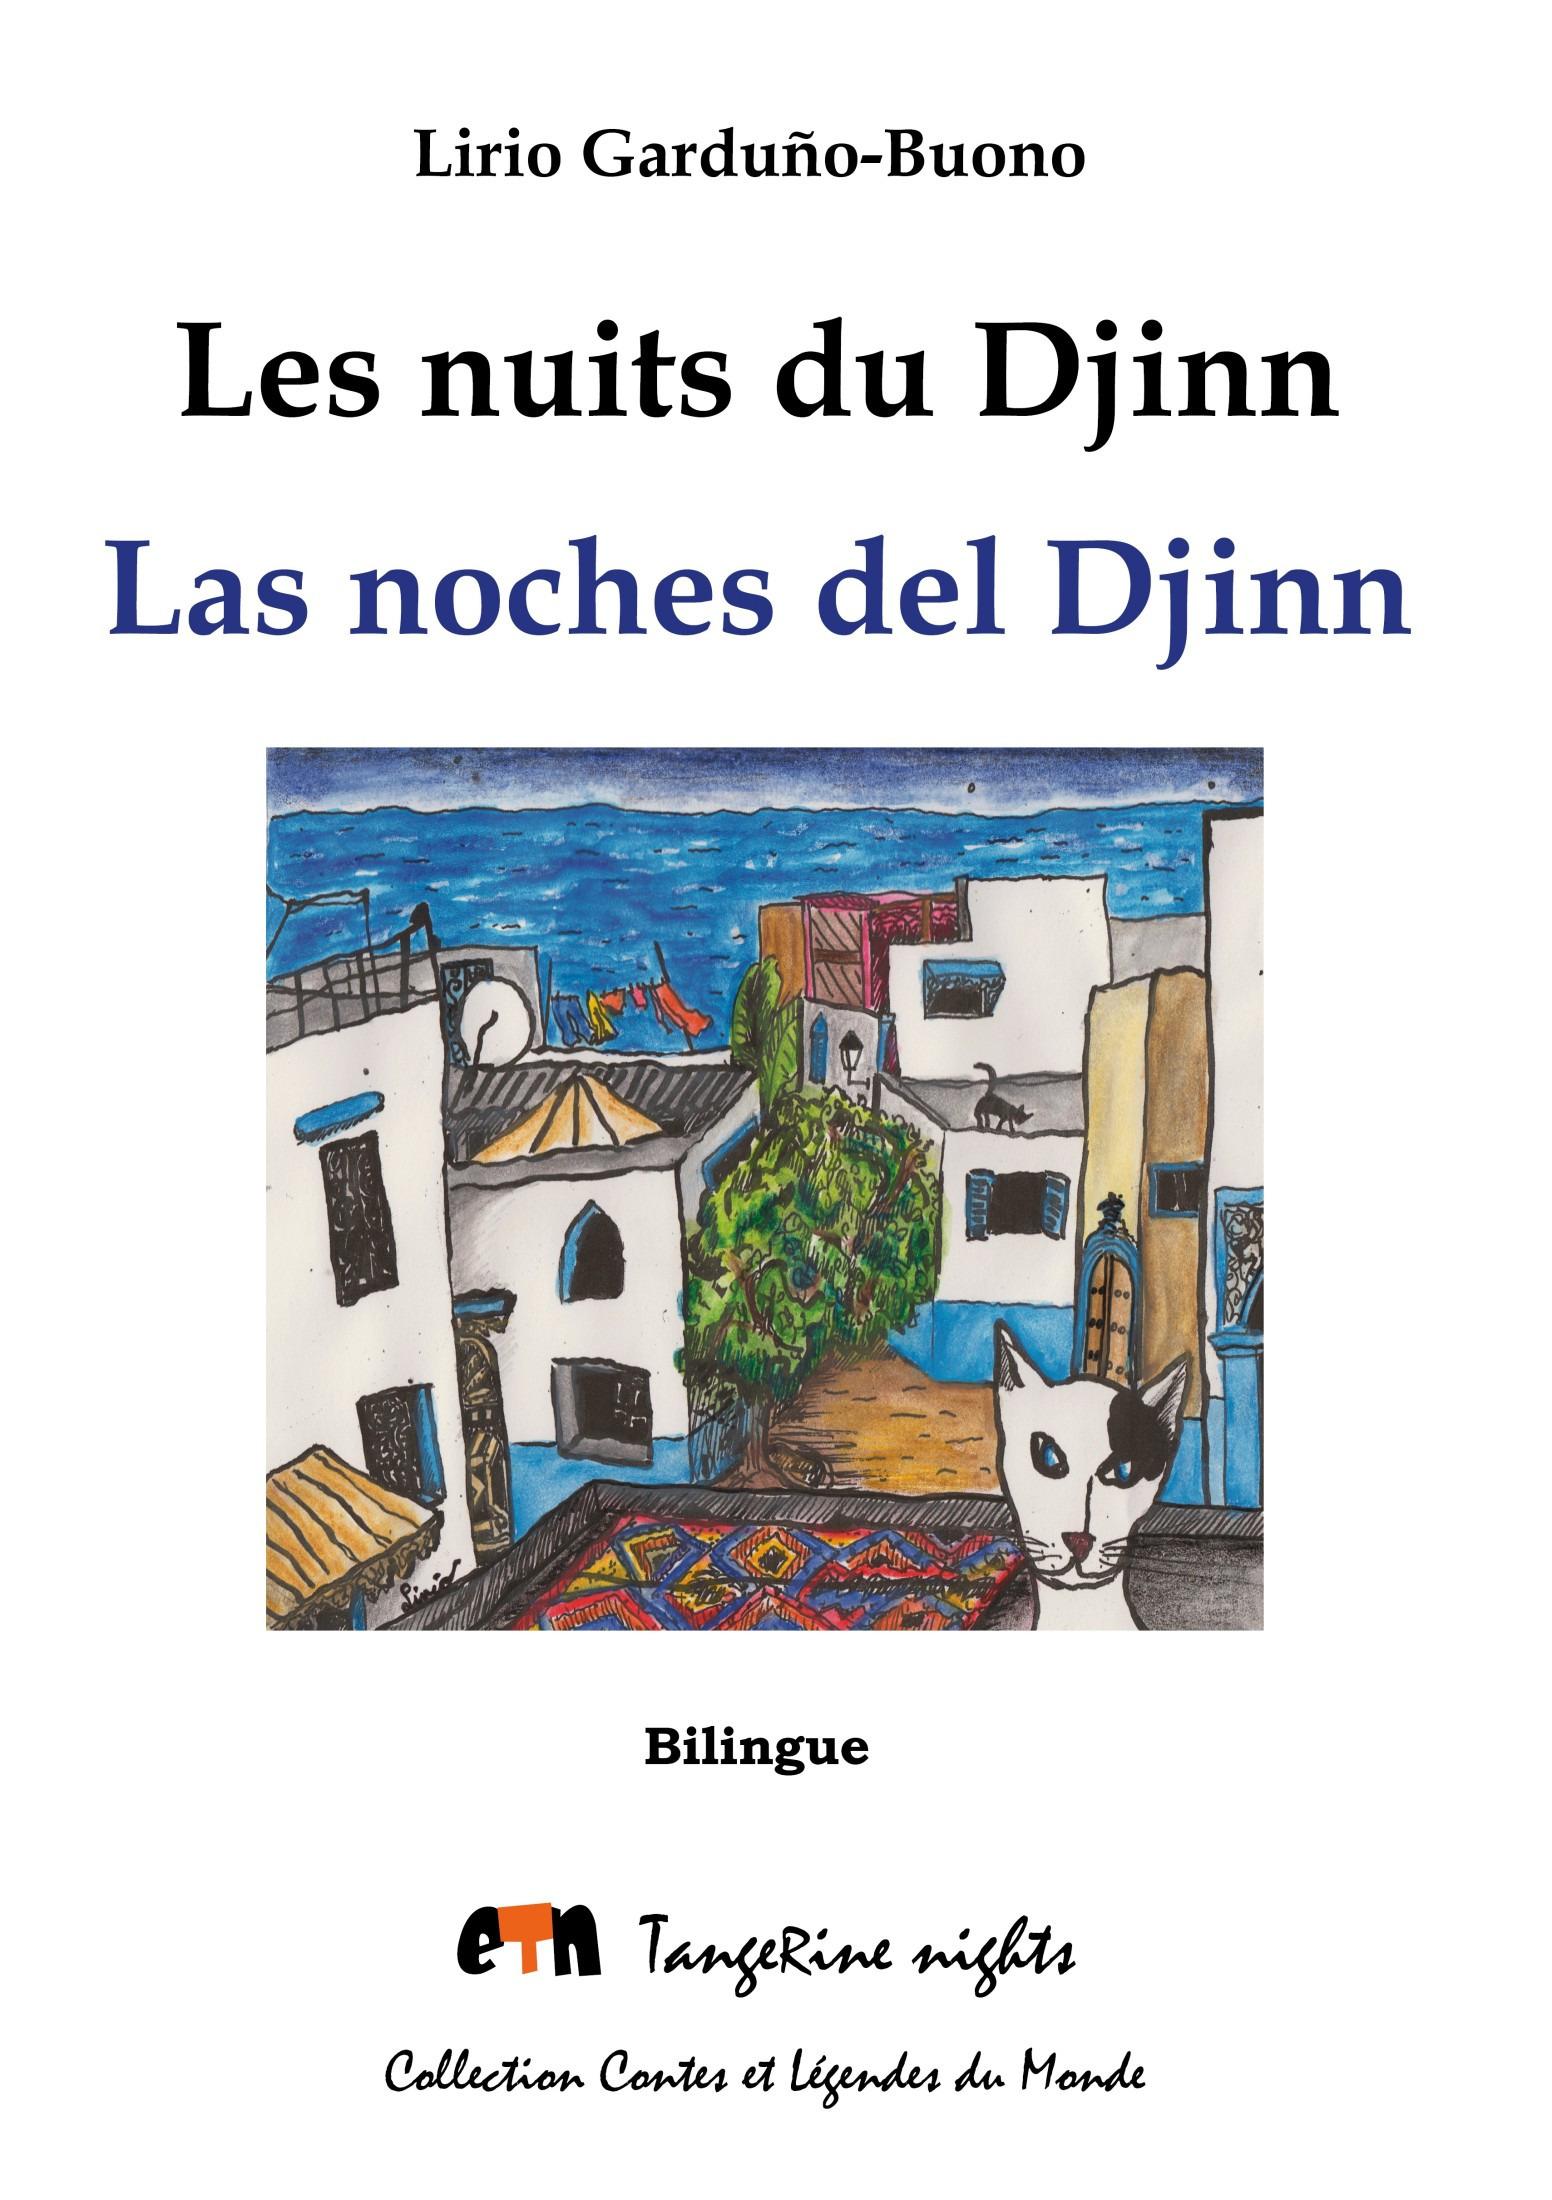 Les nuits du djinn ; las noches del djinn